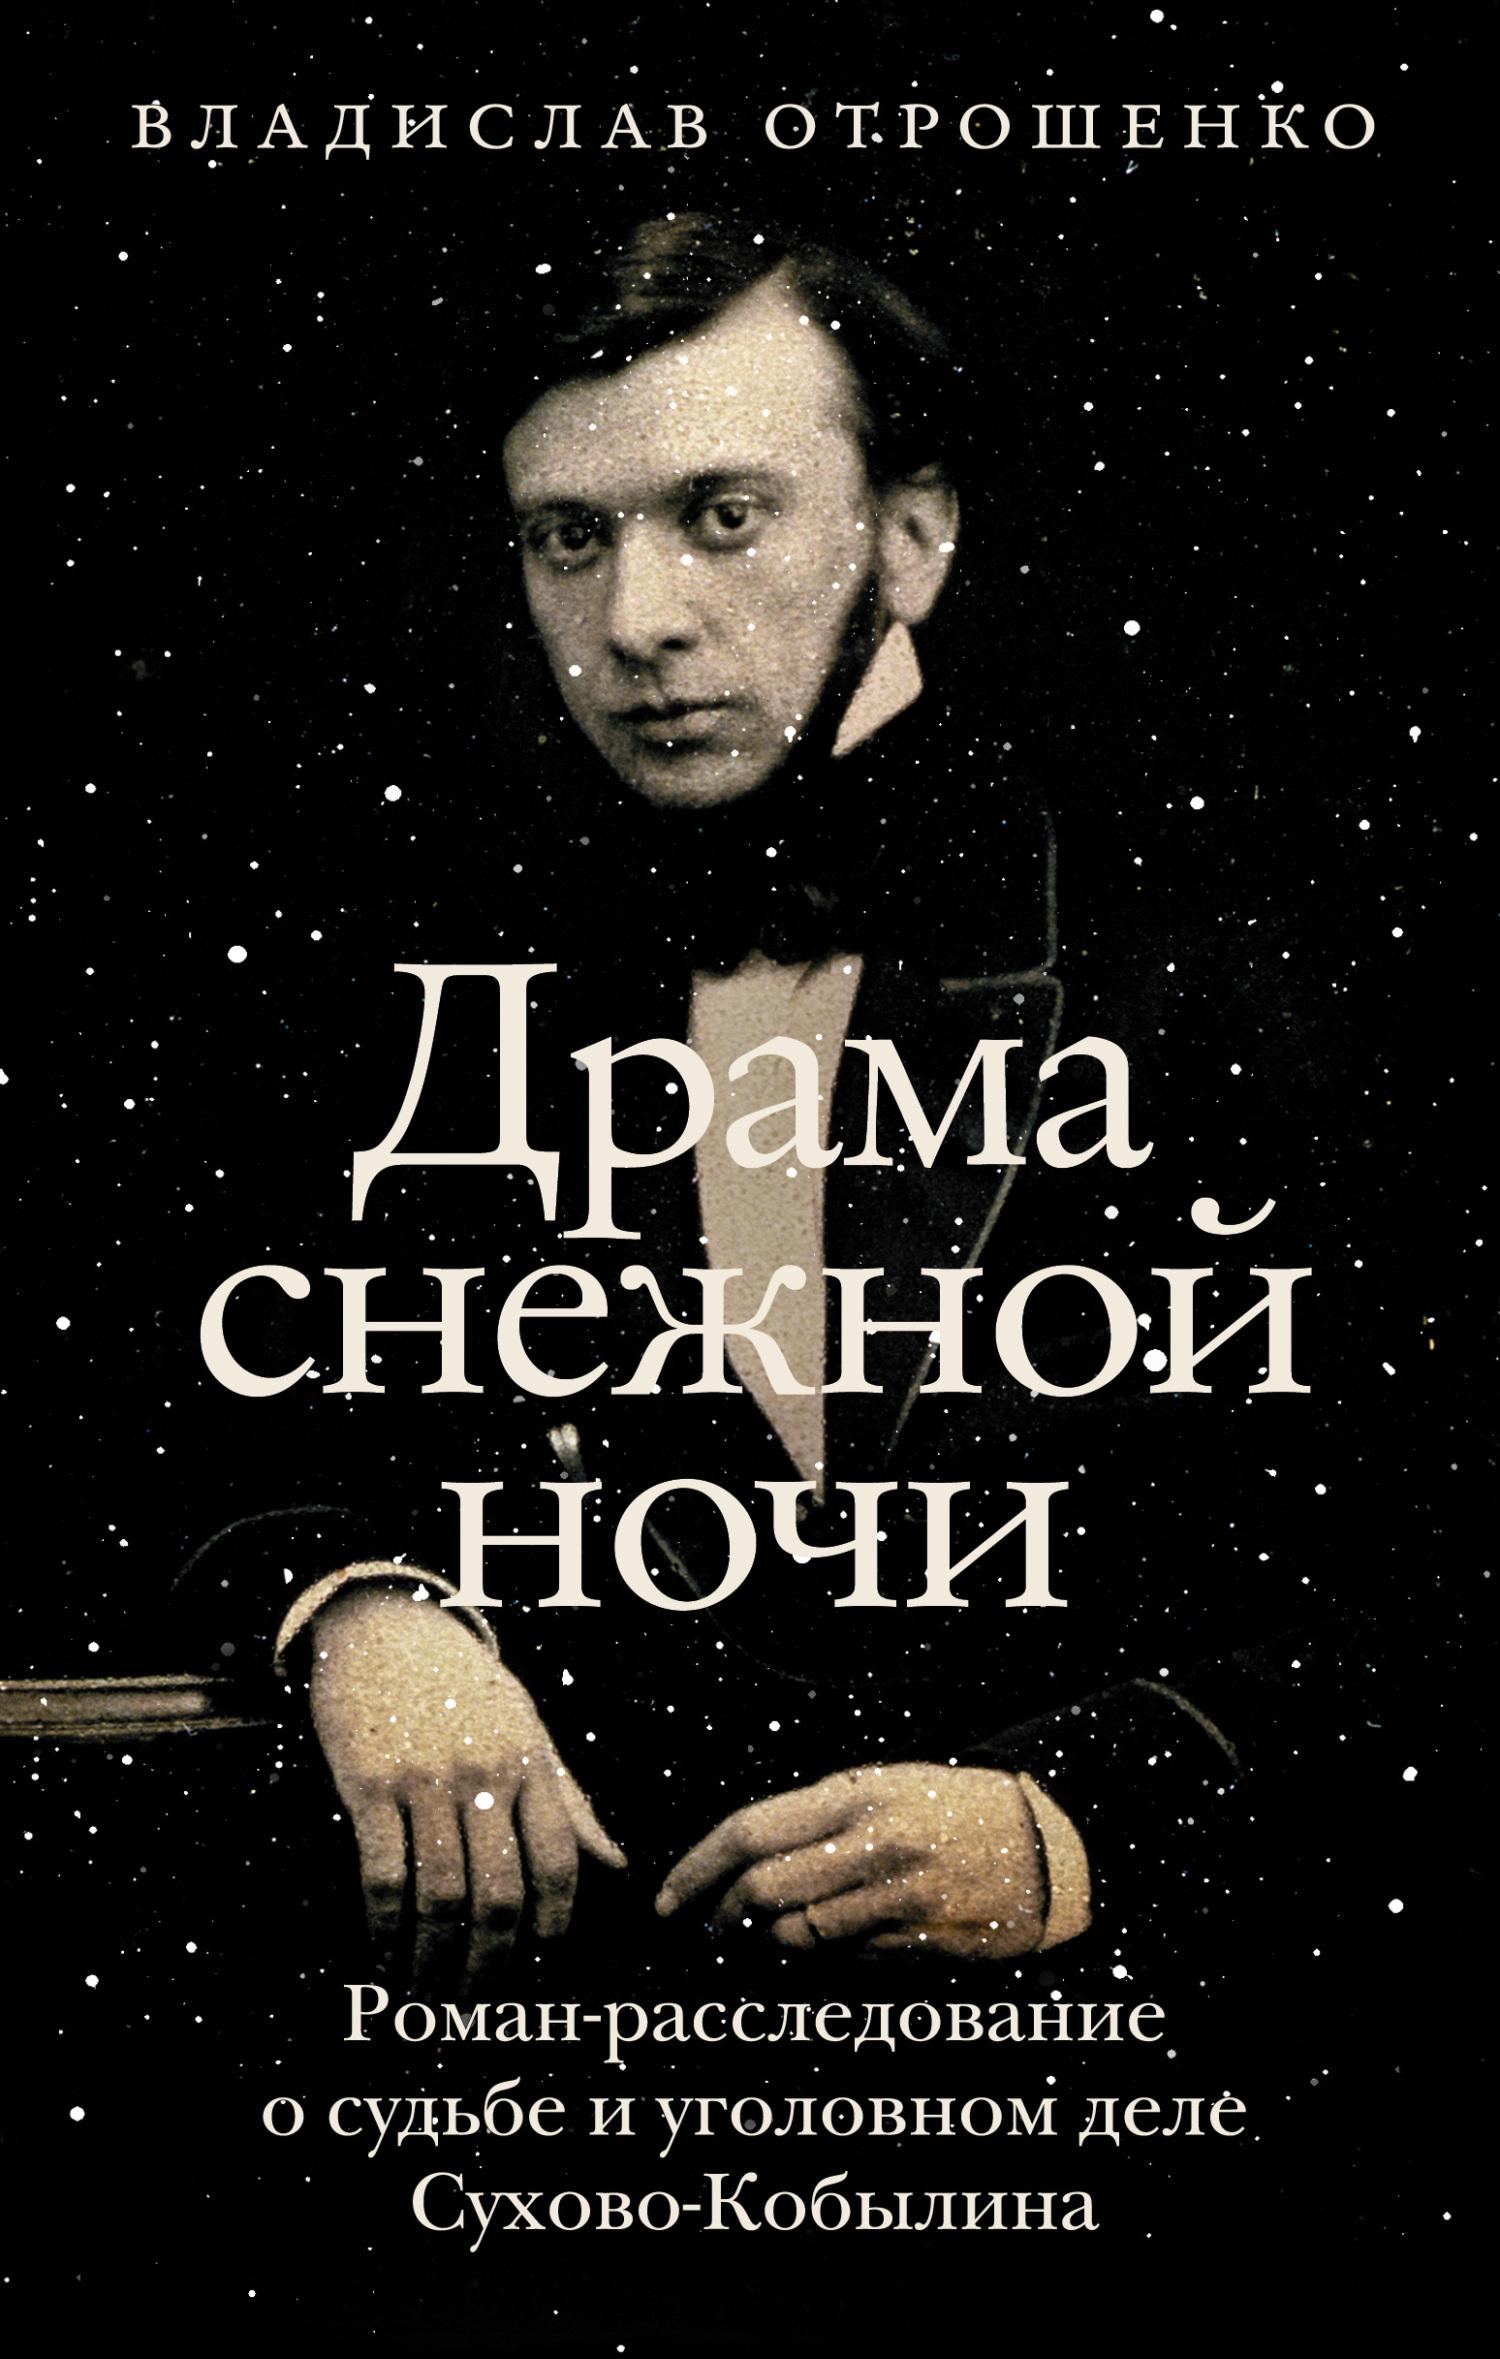 sukhovo kobylin roman rassledovanie o sudbe i ugolovnom dele russkogo dramaturga